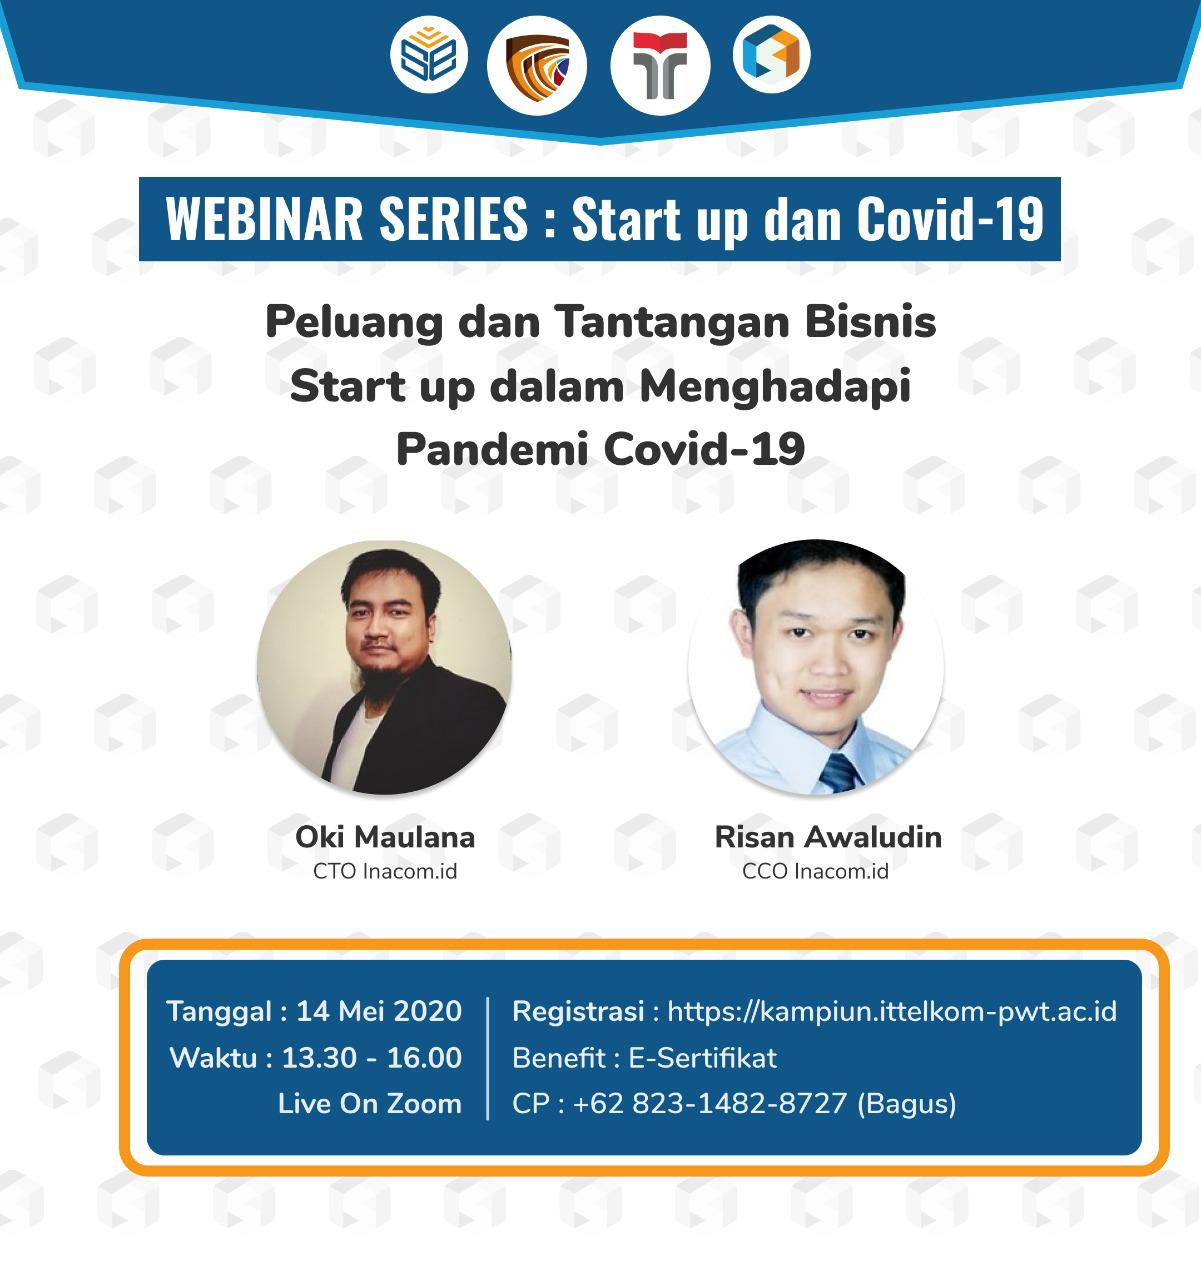 Peluang dan Tantangan Bisnis Startup dalam Menghadapi Pandemi Covid-19